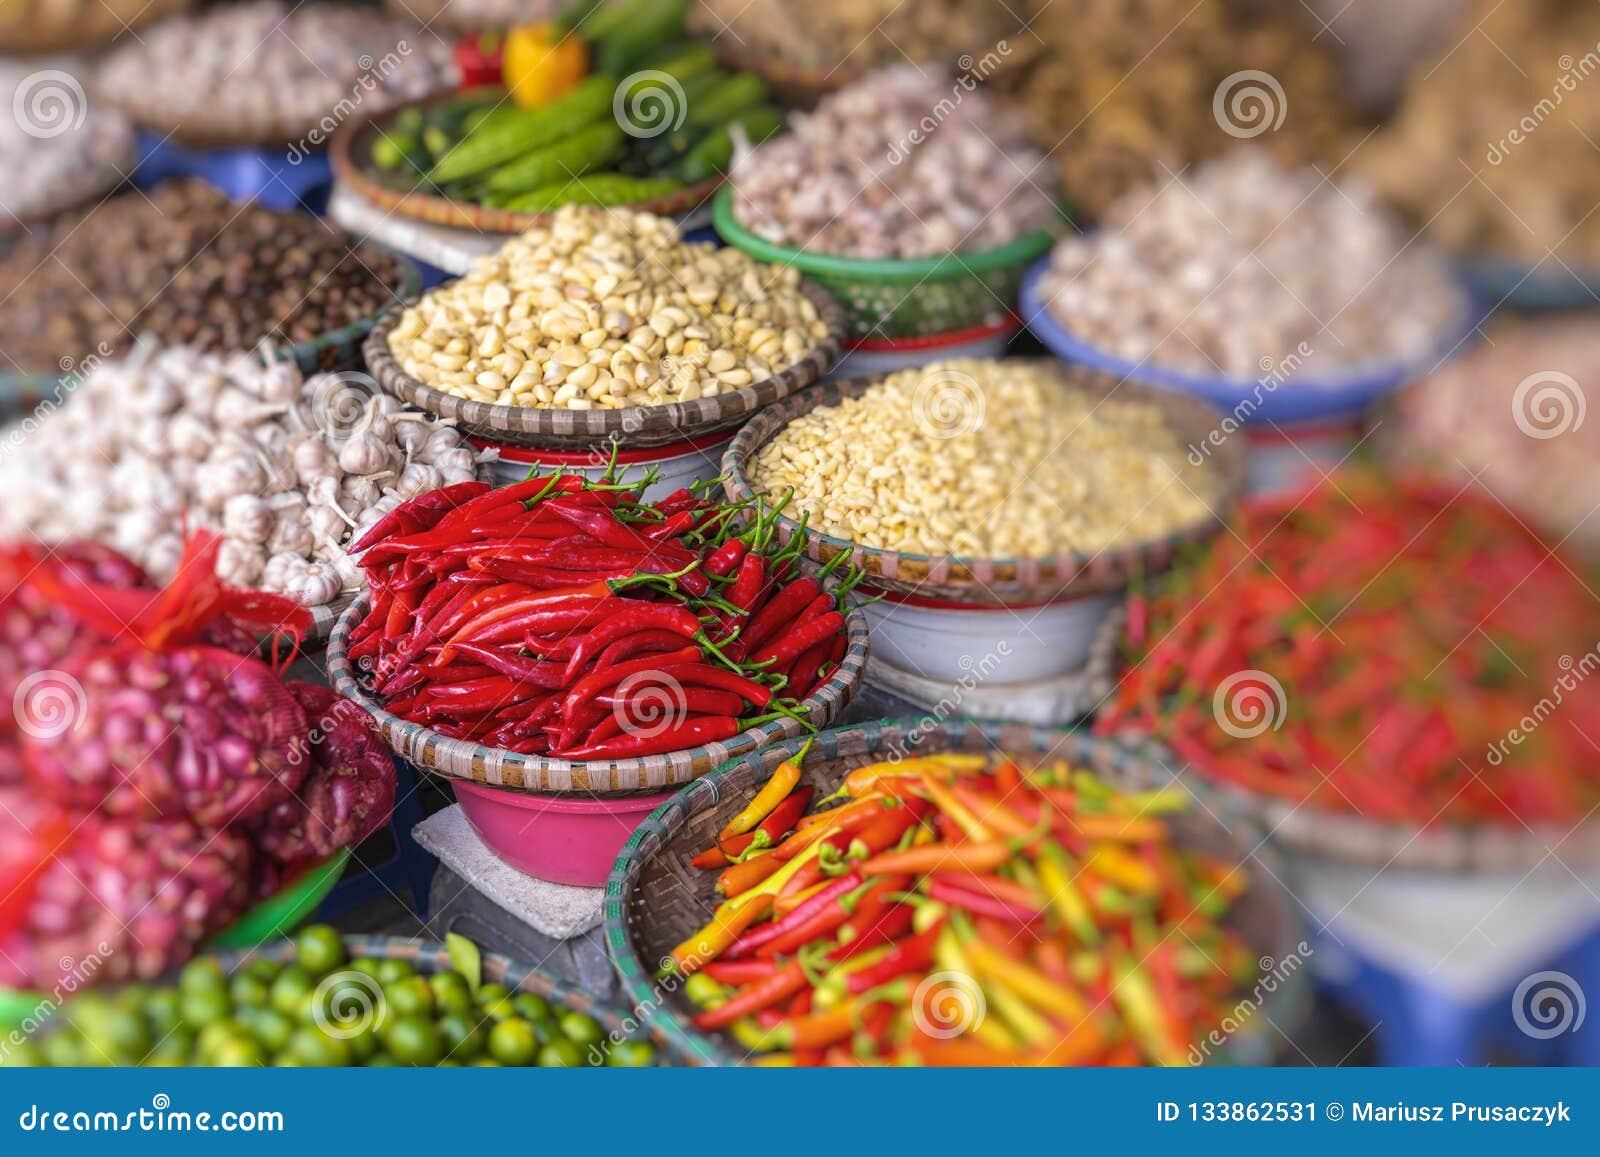 Αγορά φρούτων και λαχανικών στο Ανόι, παλαιό τέταρτο, Βιετνάμ, Ασία